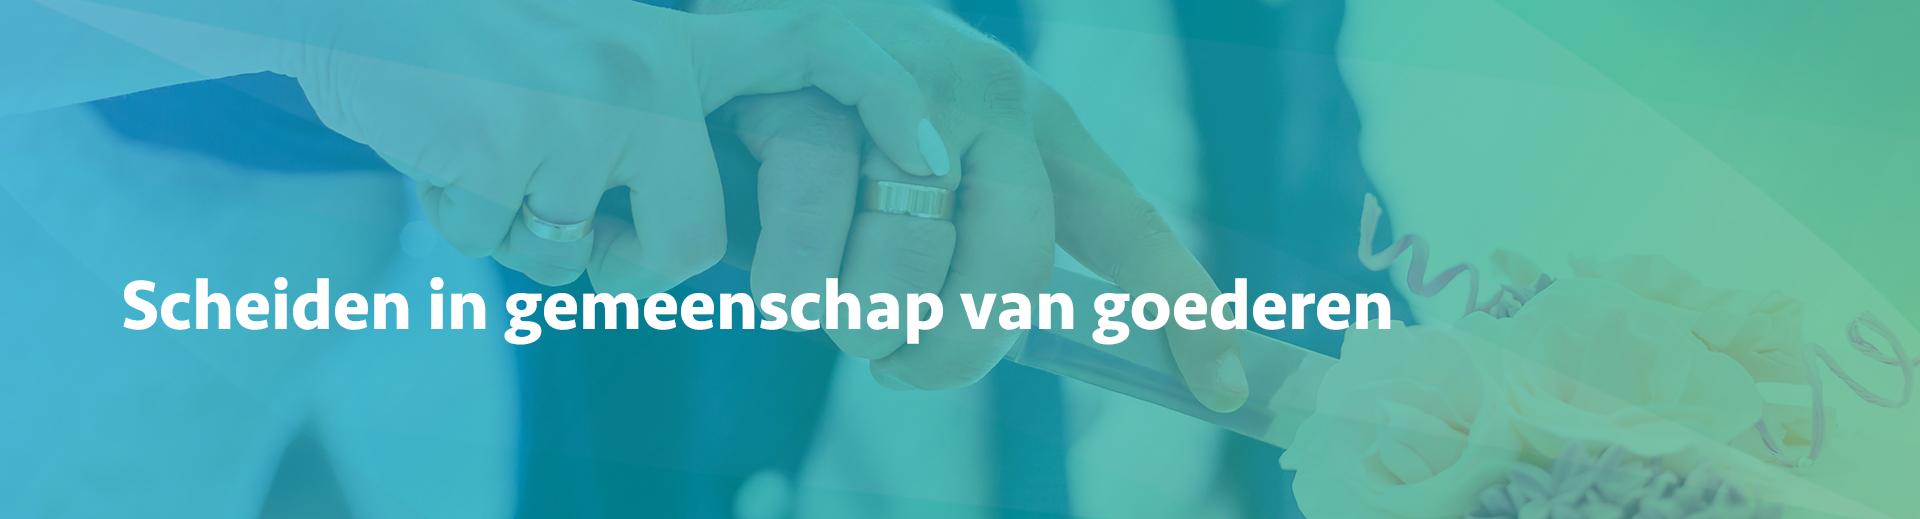 scheiden in gemeenschap van goederen - Scheidingsplanner Midden-Nederland